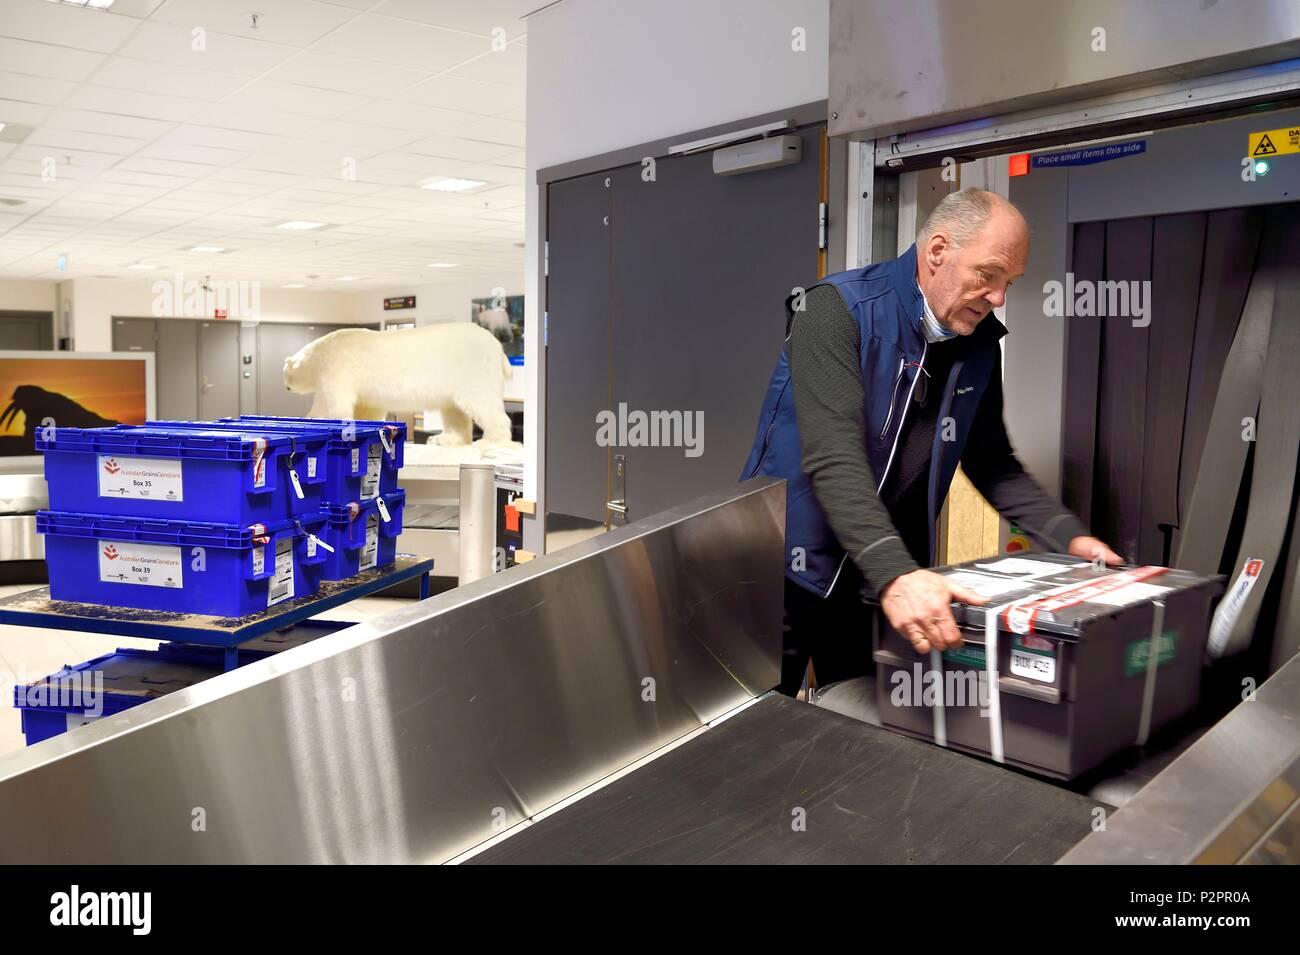 Scanning Luggage Stock Photos & Scanning Luggage Stock Images - Alamy